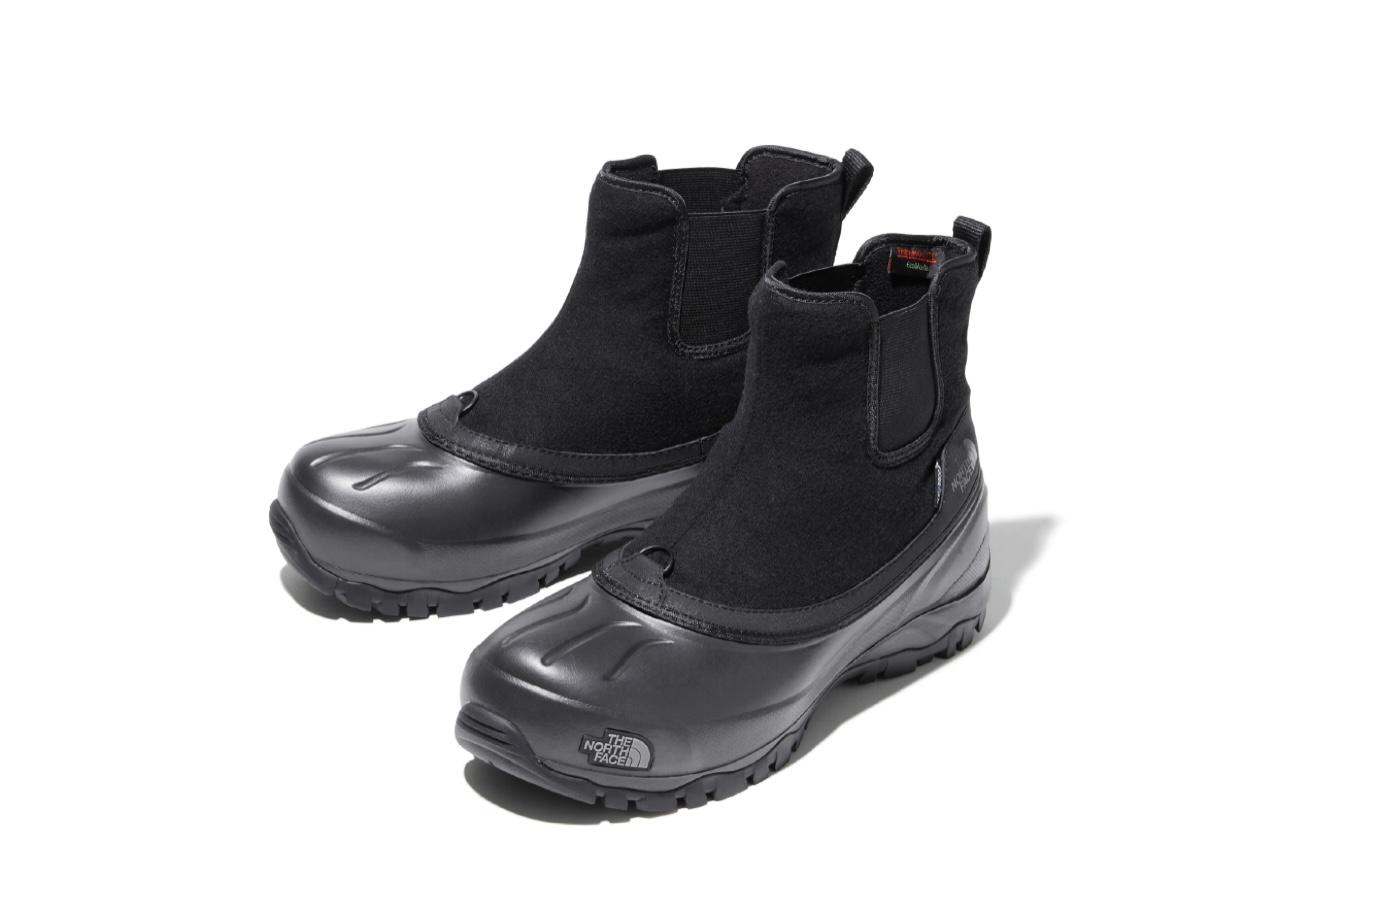 THE NORTH FACEから新作ブーツ発売 機能性ウィンターブーツをサイドゴアに